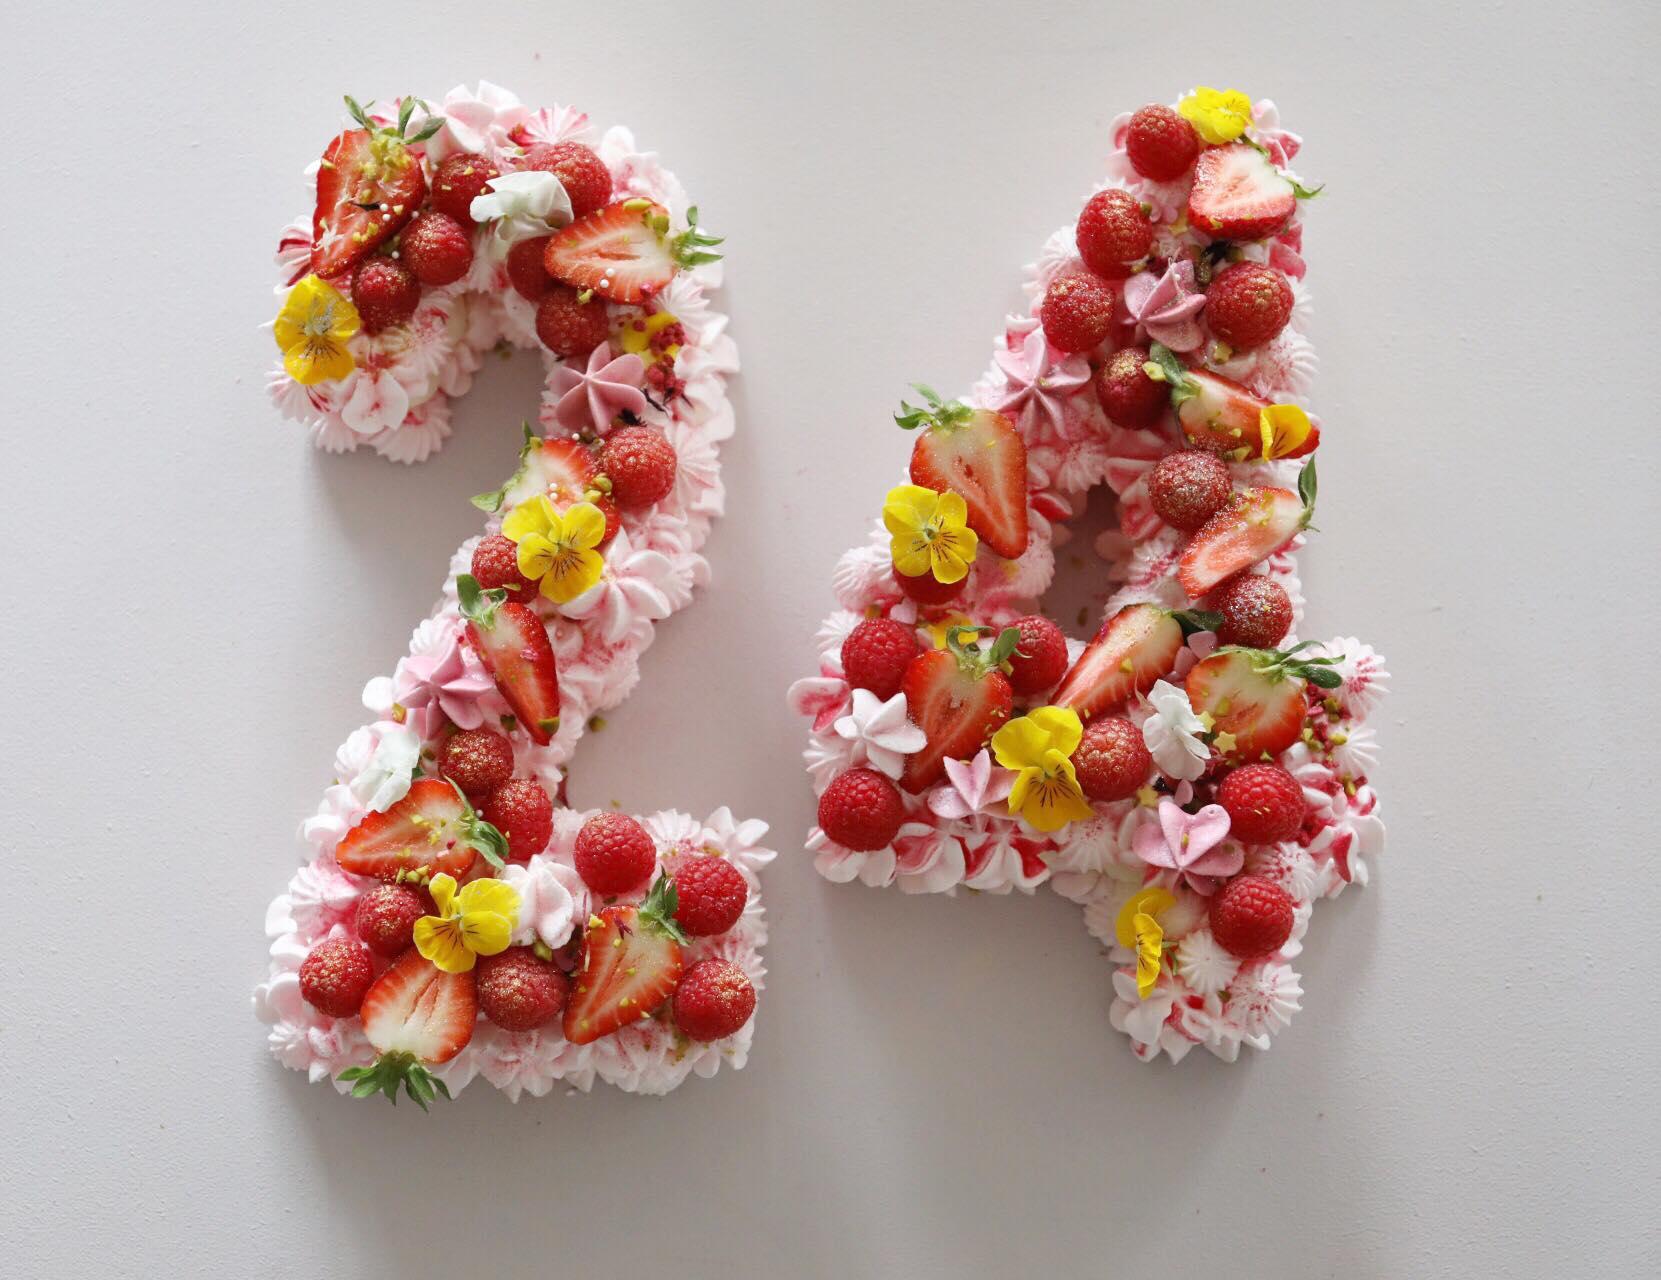 """Marengslagkage """"Number cake"""""""